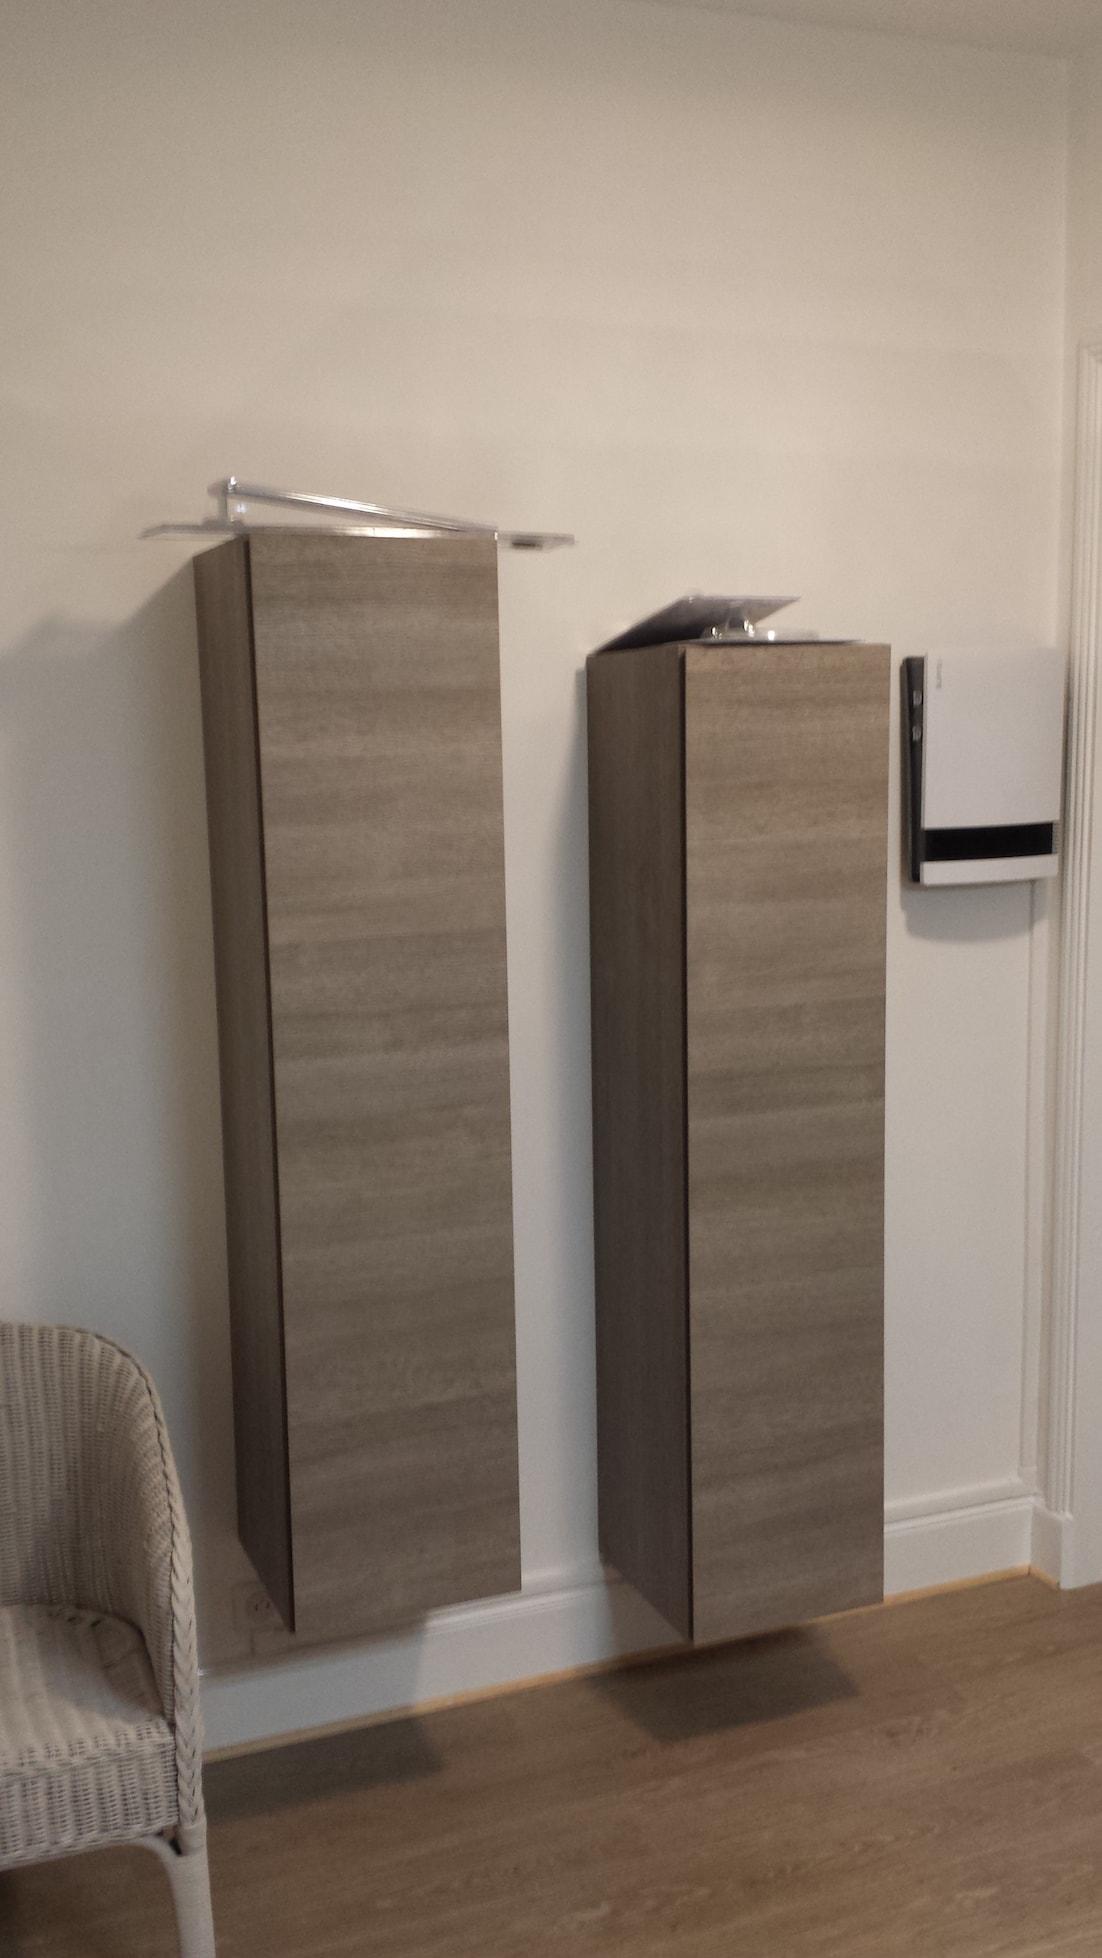 R novation d 39 une salle de bain guillot p2a - Refection salle de bain ...